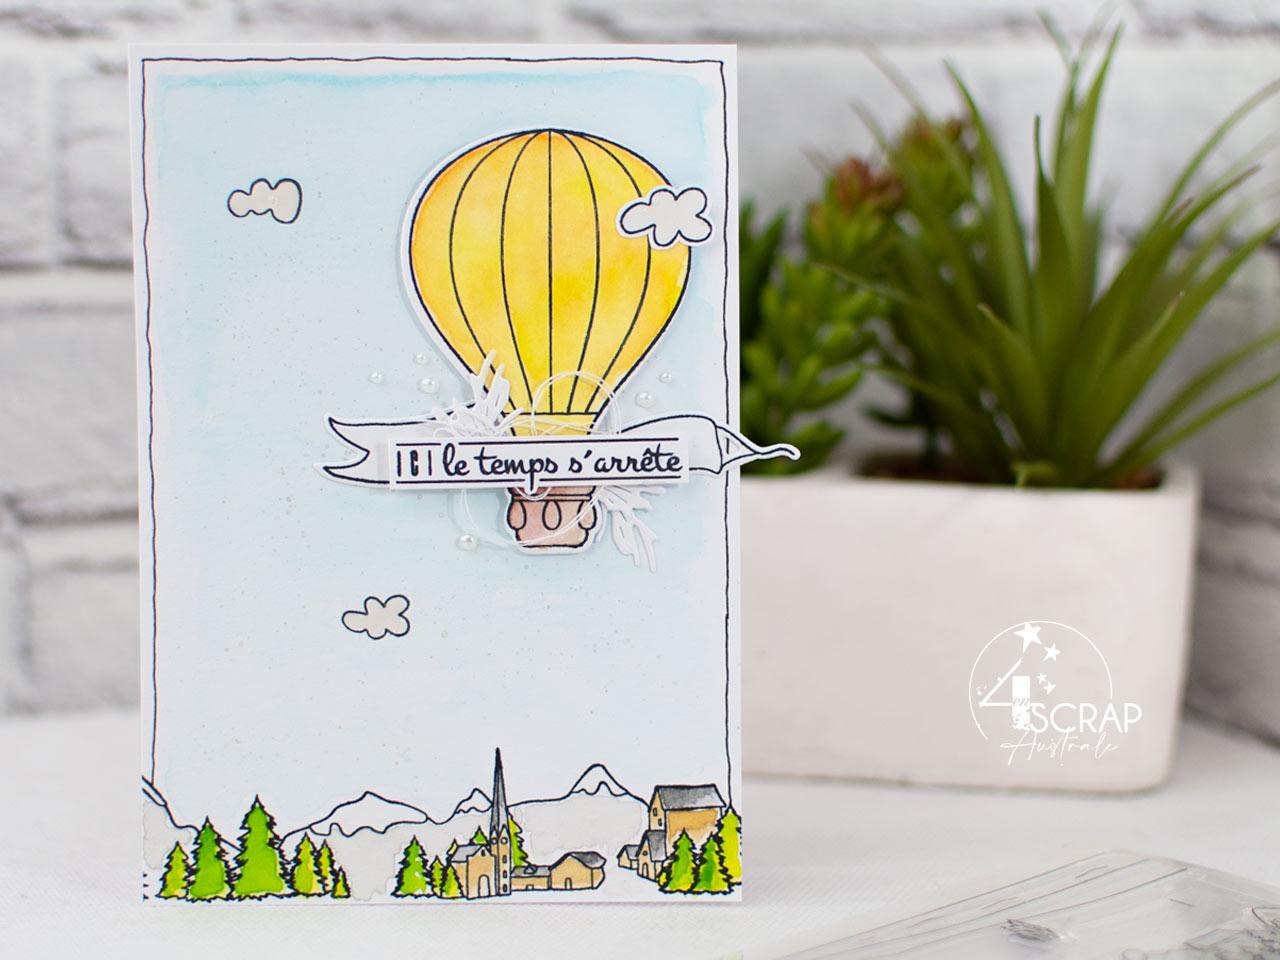 Carte avec fond paysage à l'aquarelle et une montgolfière assemblée à une étiquette, quelques feuillages, bannière et petits nuages.